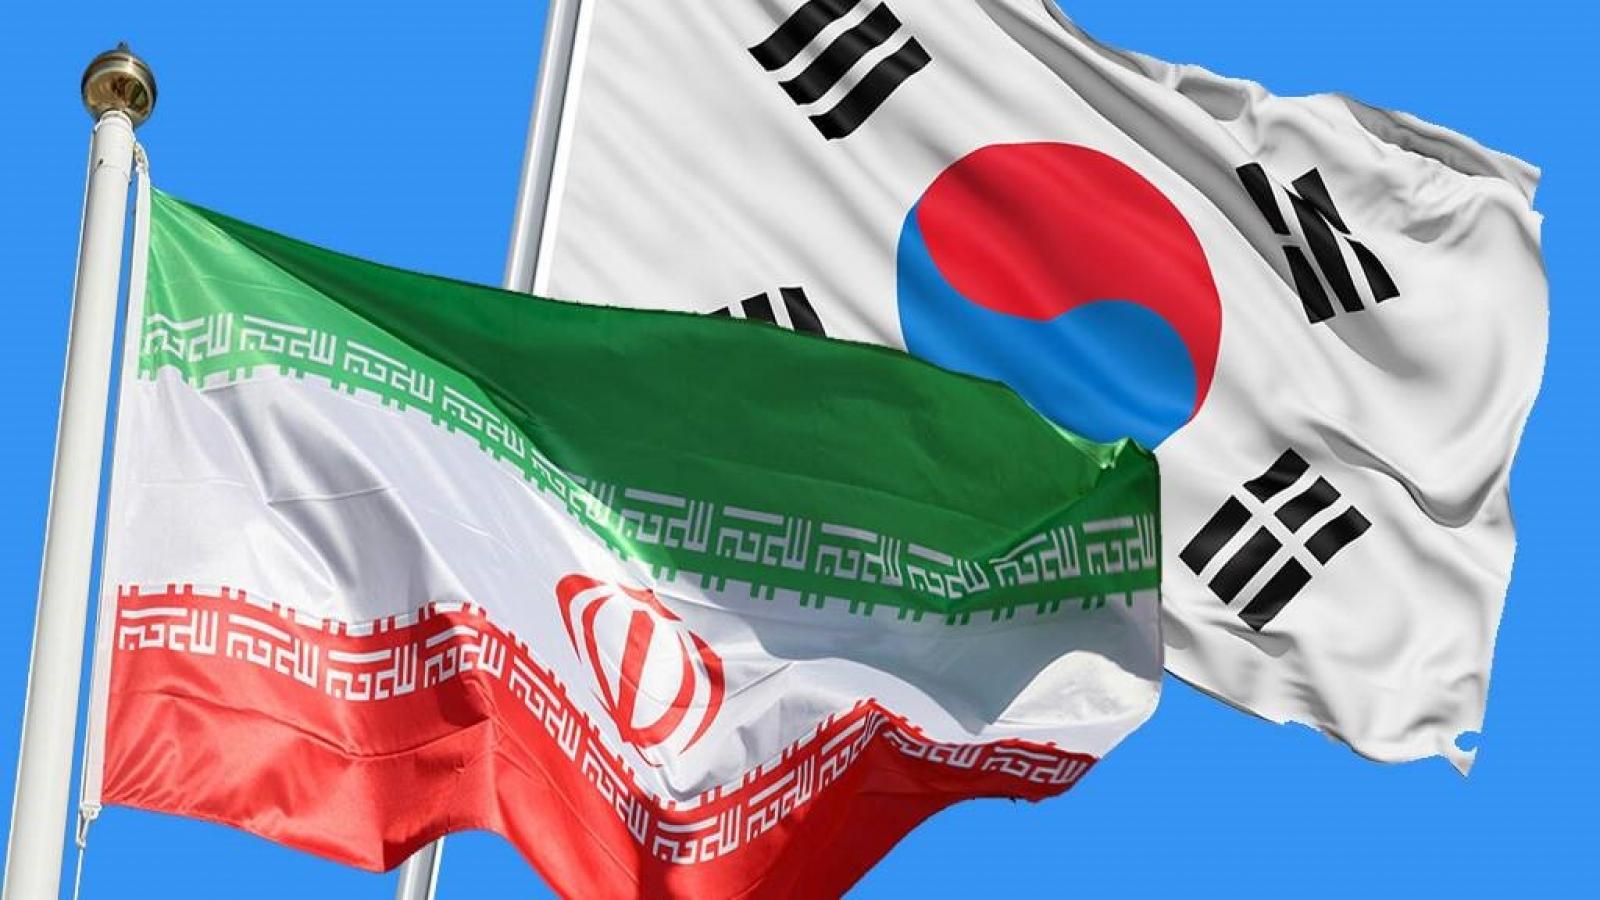 Thủ tướng Hàn Quốc lần đầu tiên đến thăm Iran sau 44 năm